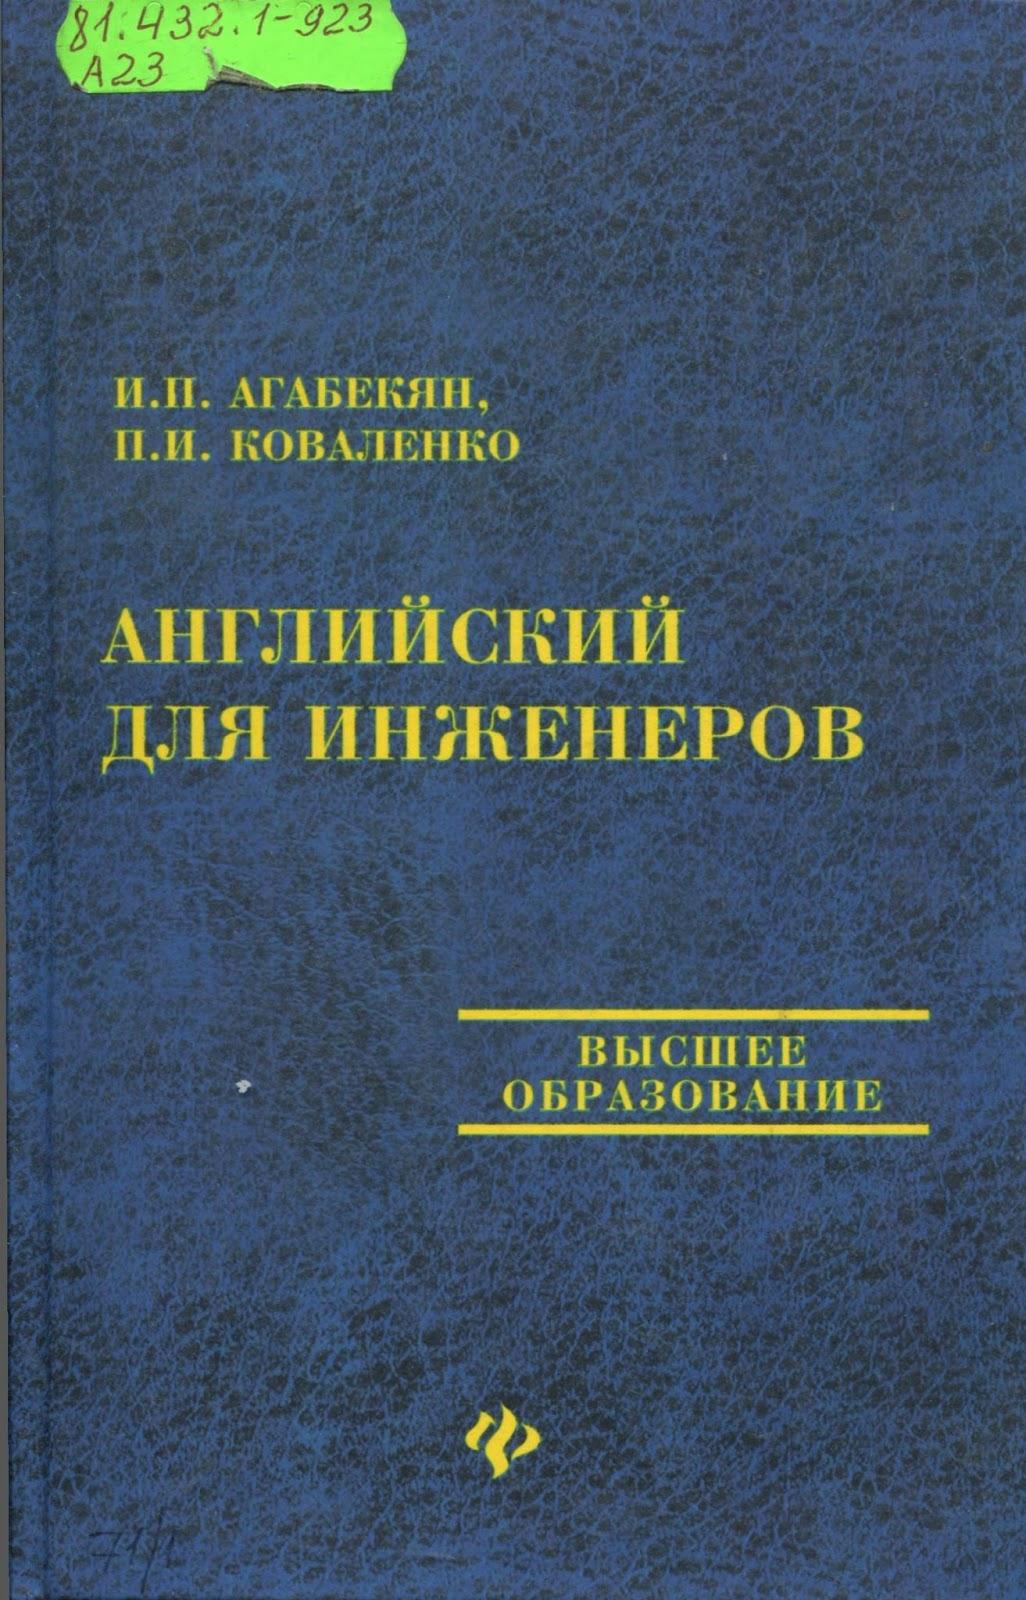 Гдз по агабекяну 21 издание